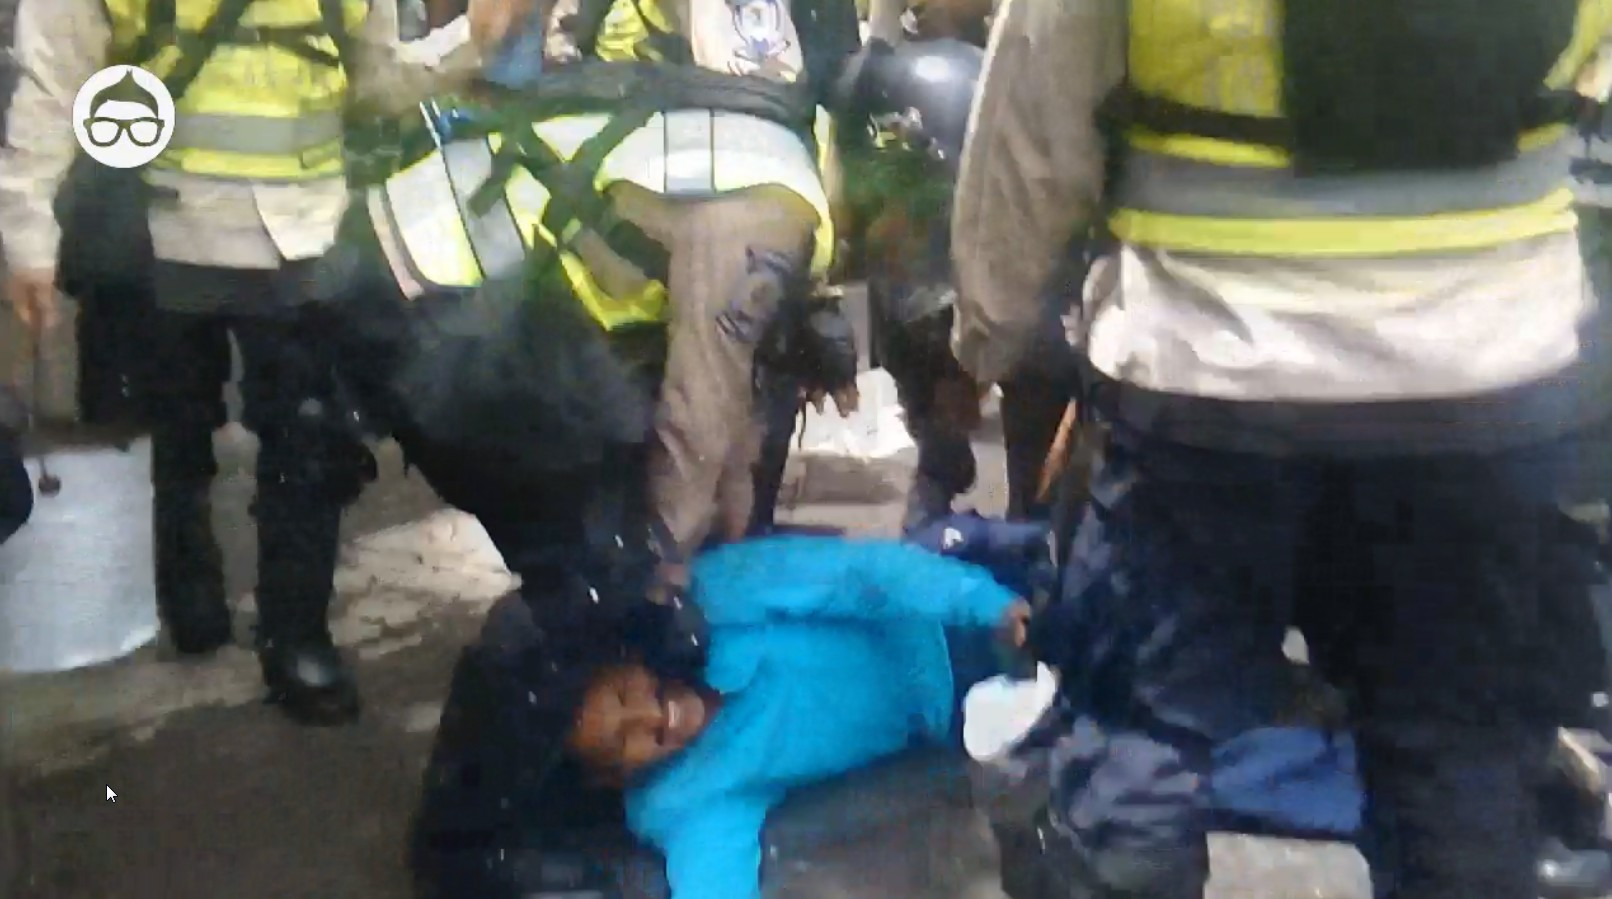 Momento en el que se llevan detenido a uno de los manifestantes en la Av. Libertador de Caracas